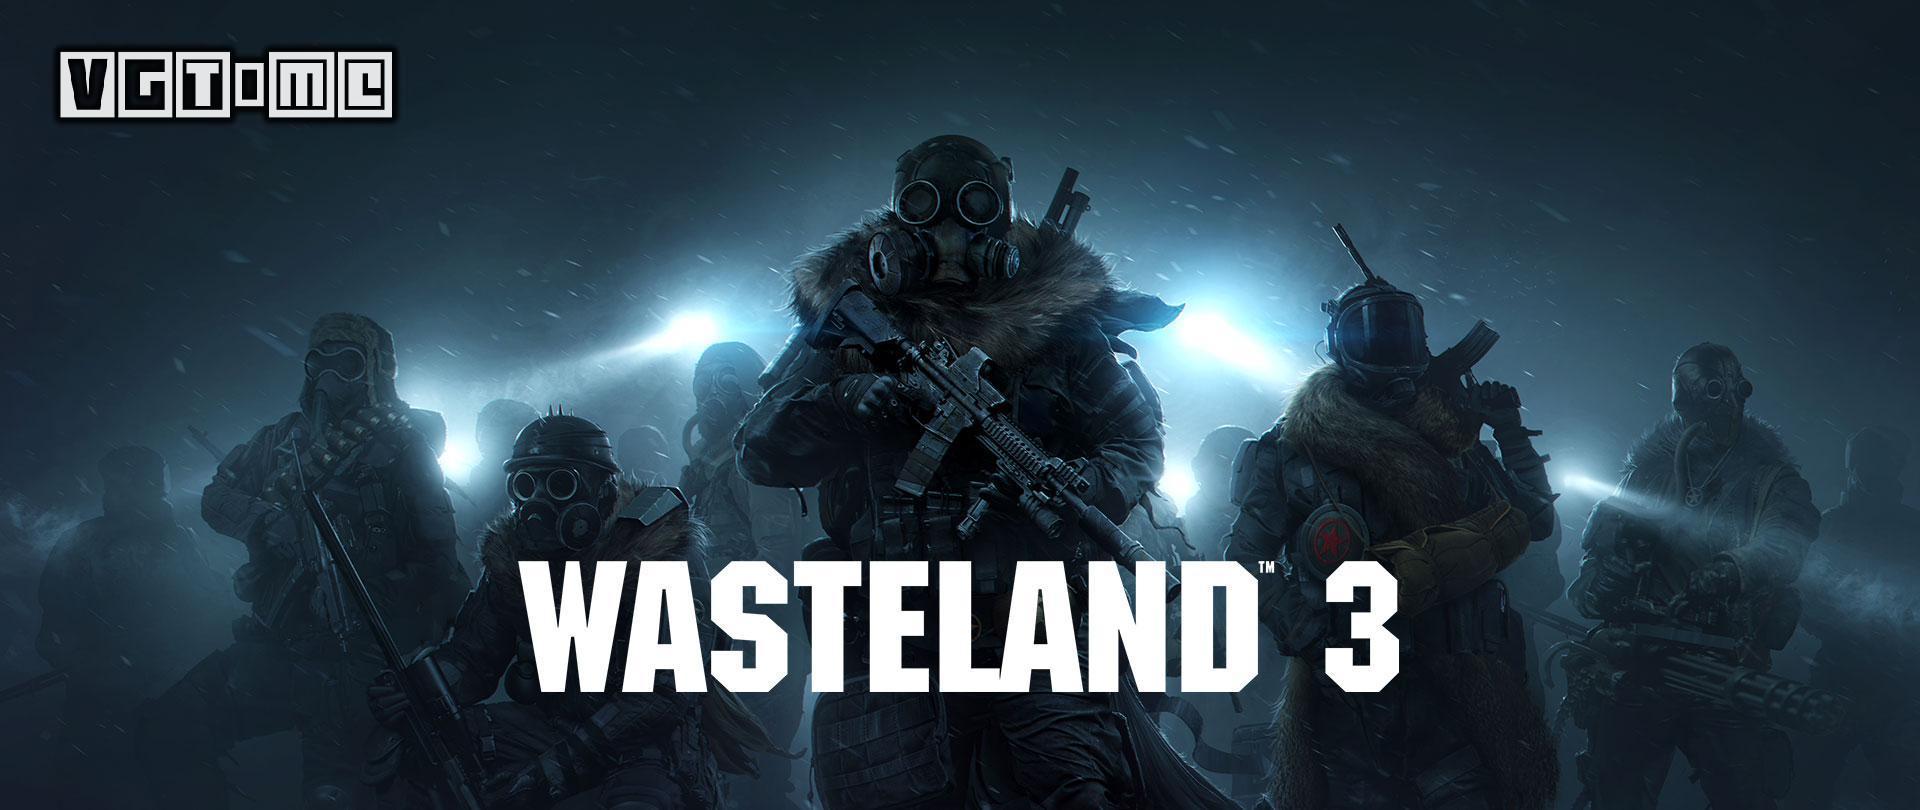 《废土3》将延期至2020年8月28日发售